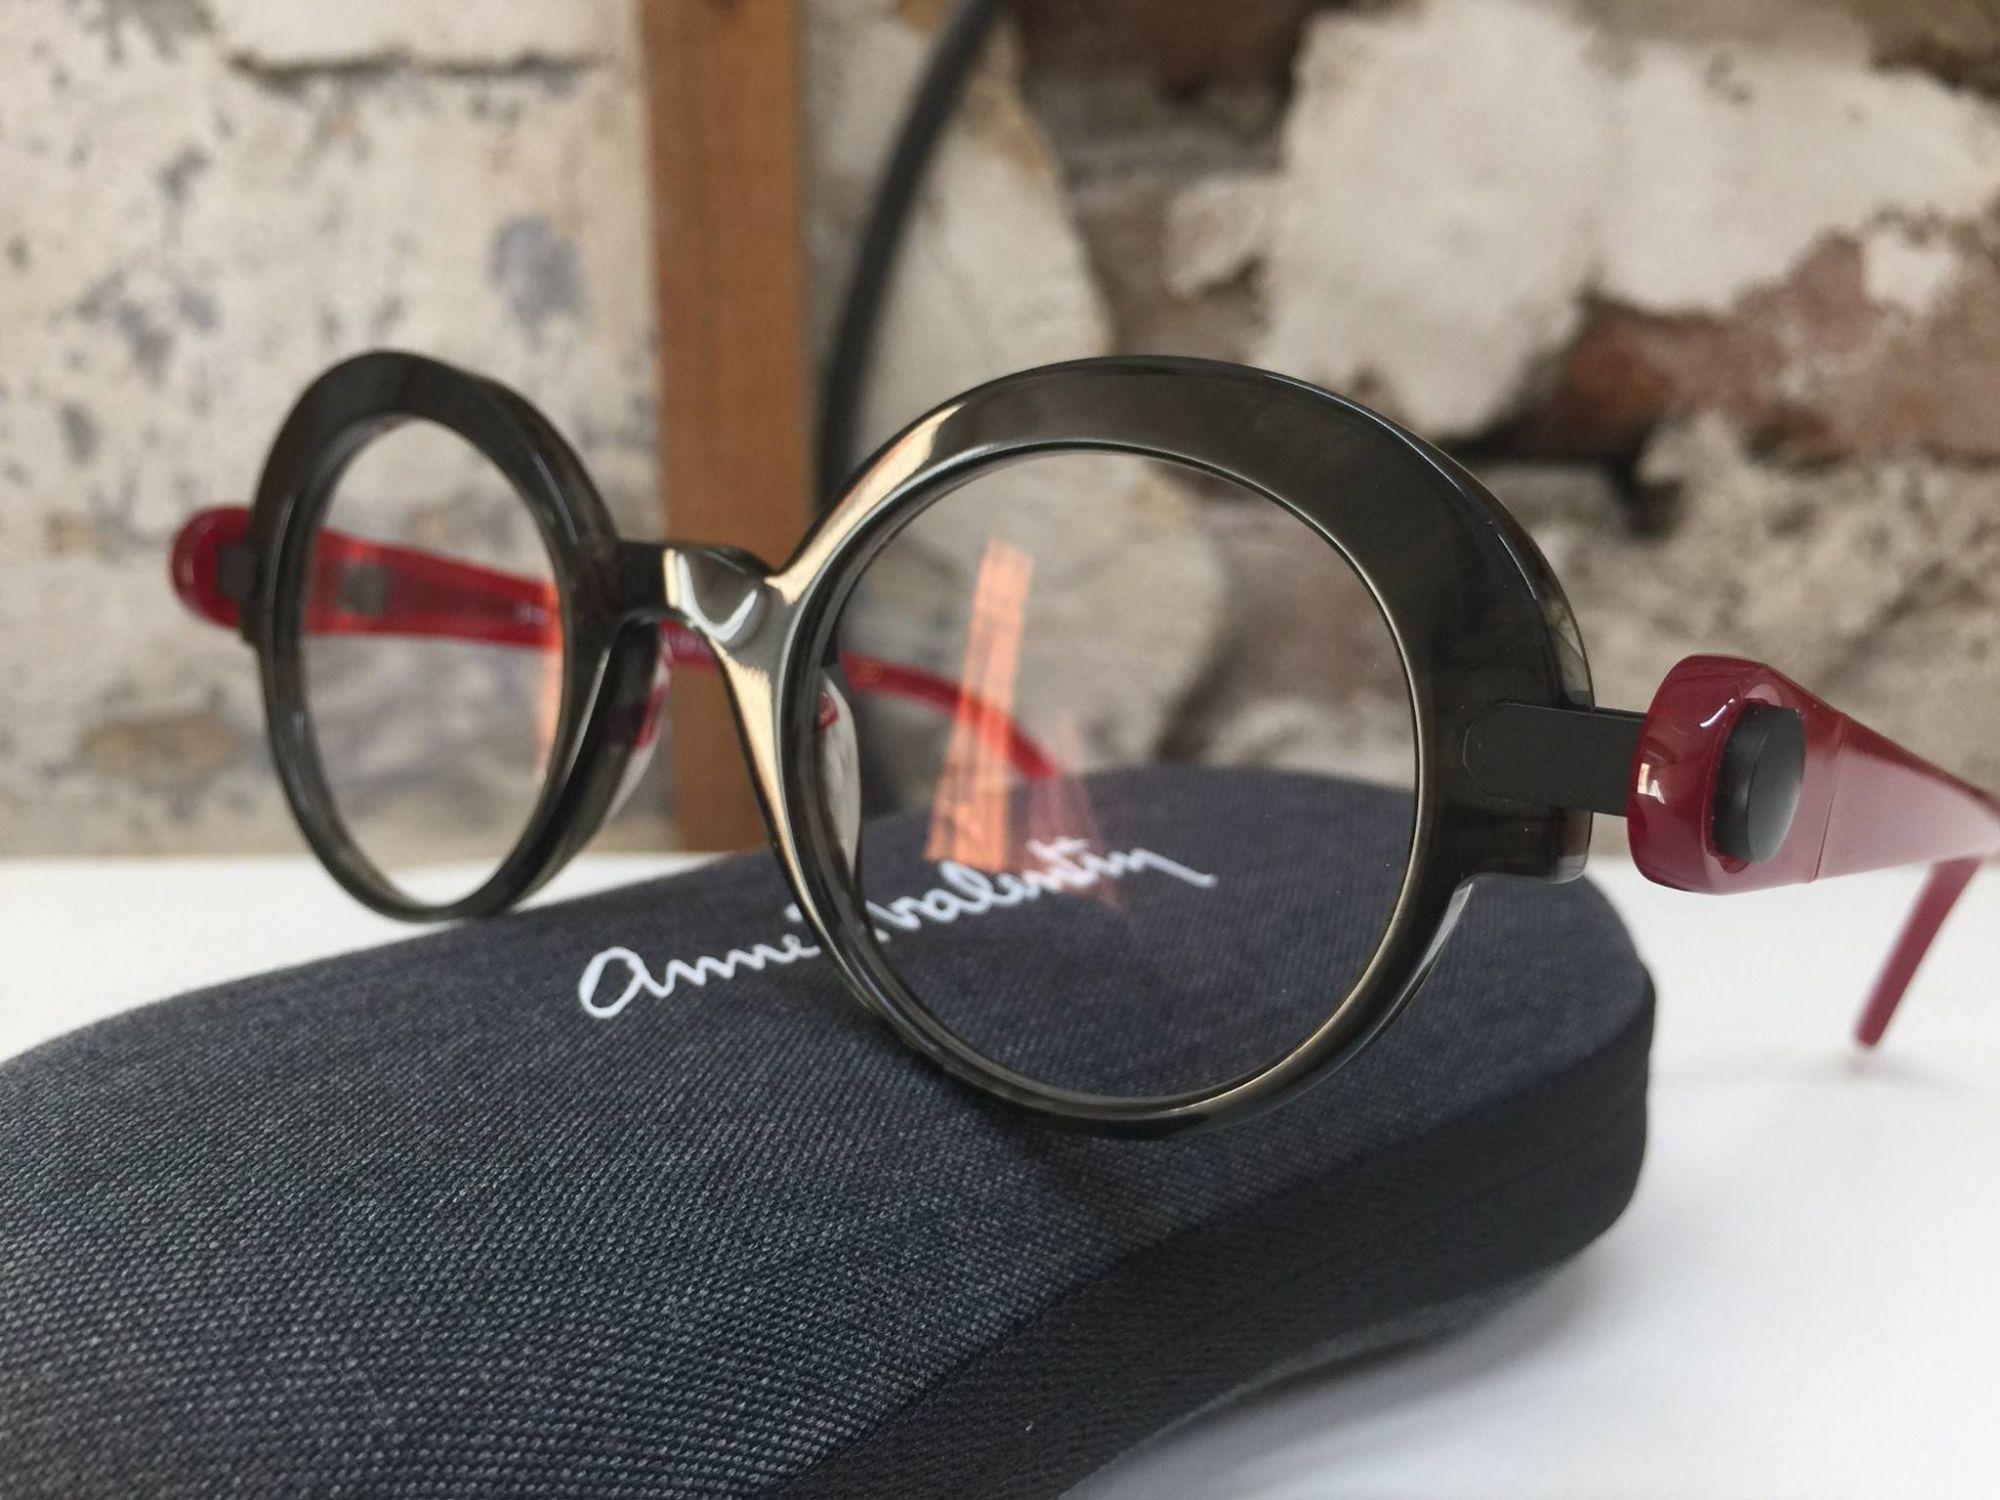 f6c47e84ac1621 acheter une paire de lunettes anne et valentin, Le Havre 76. Trouver le  modèle PIERCE Rue des ateliers le havre ...